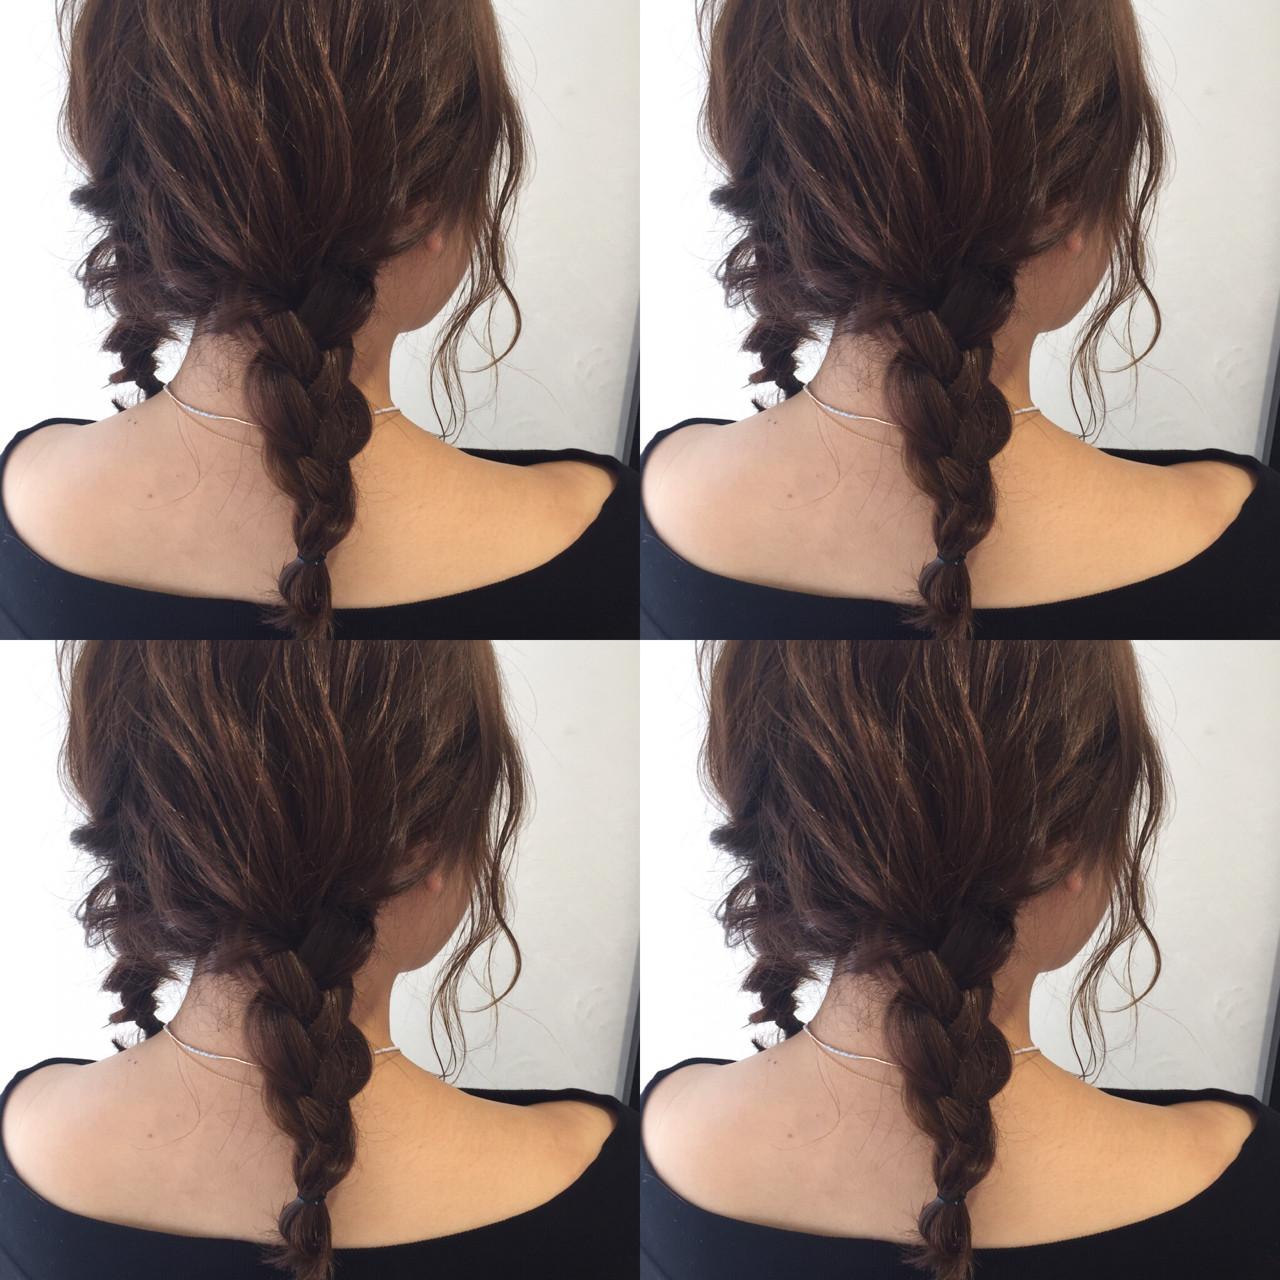 ミディアム ショート 三つ編み 簡単ヘアアレンジヘアスタイルや髪型の写真・画像